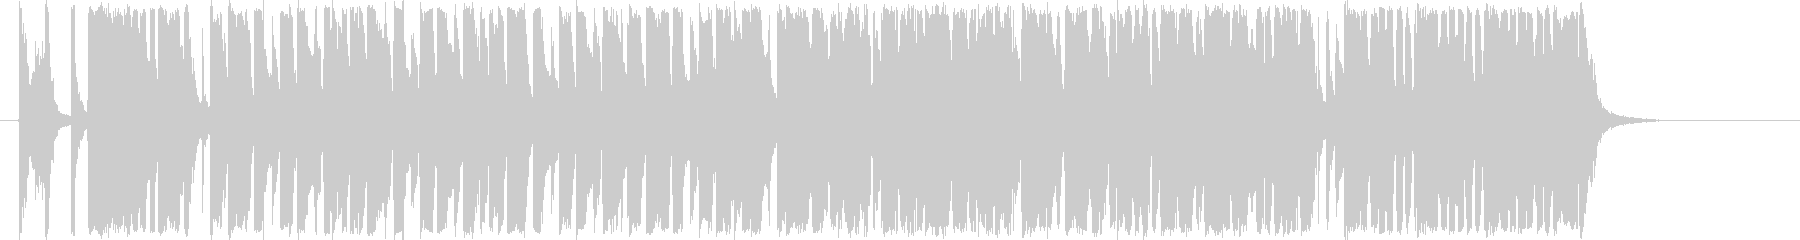 シンキングタイム用BGMの未再生の波形